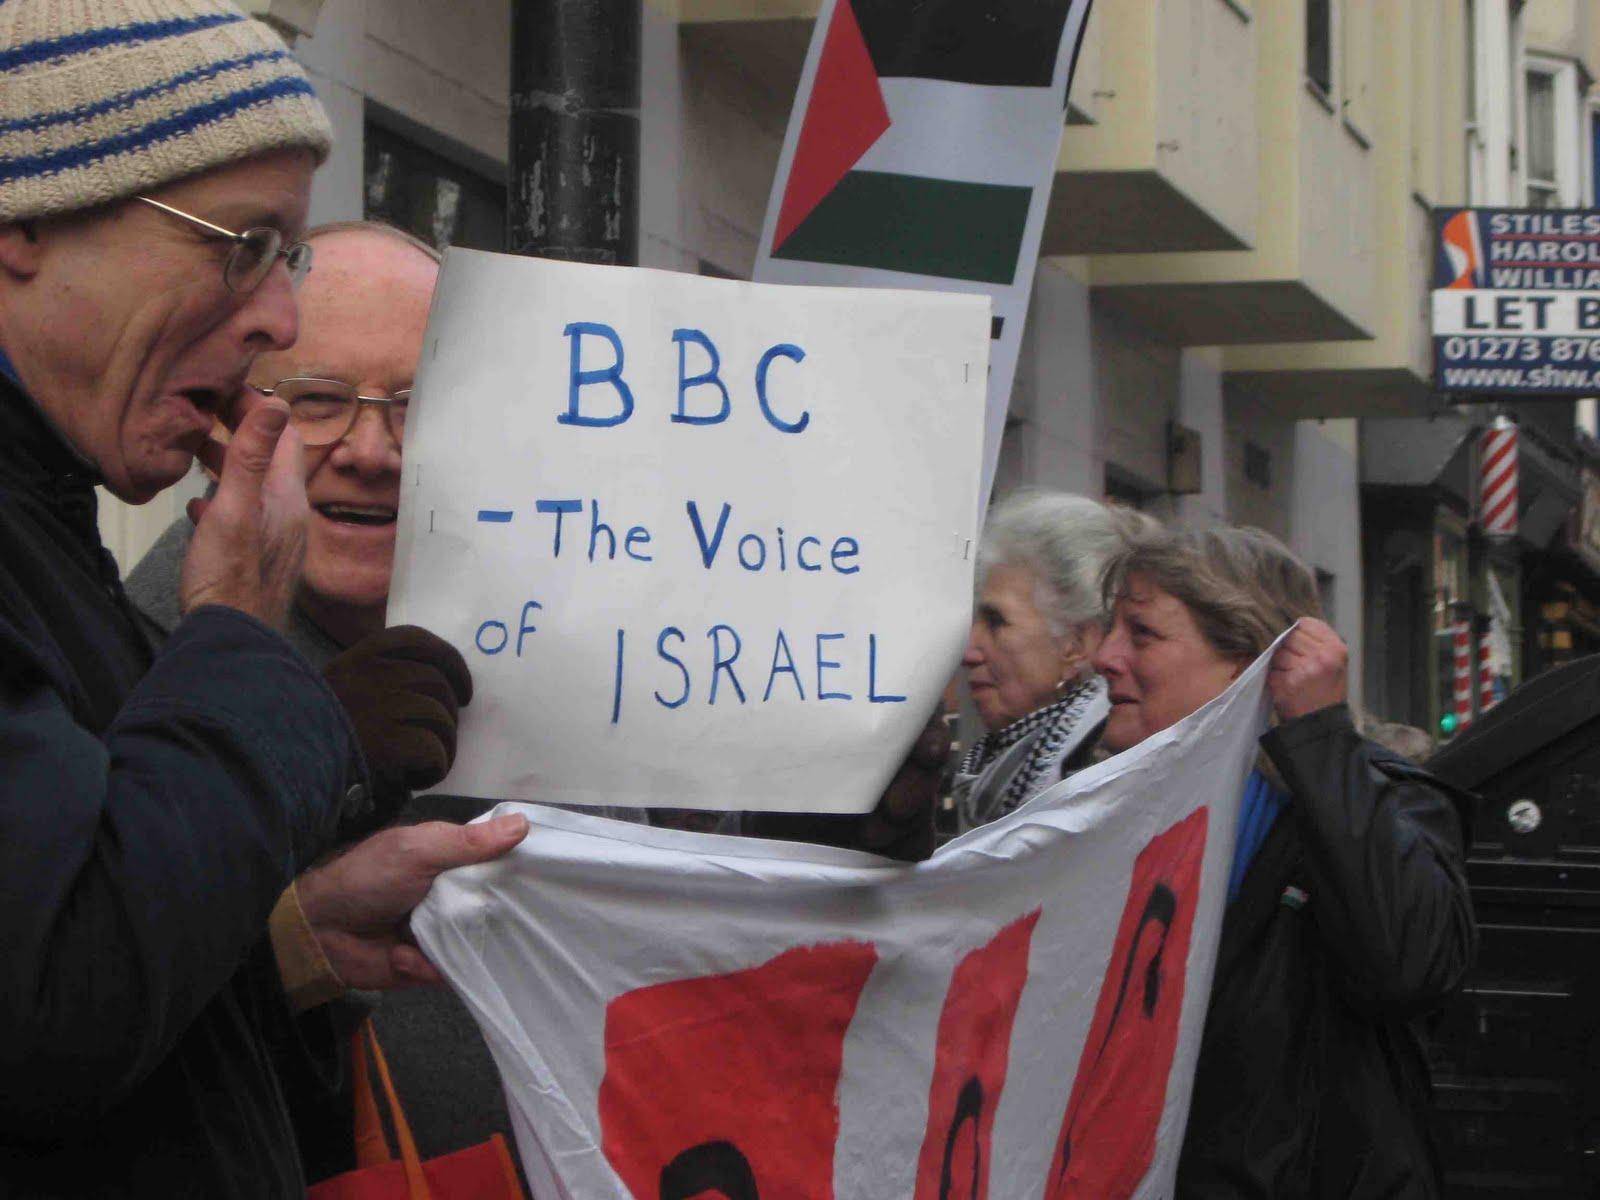 Tony Greenstein Blog: Tony Greenstein's Blog: The BBC's Biased & Shameful